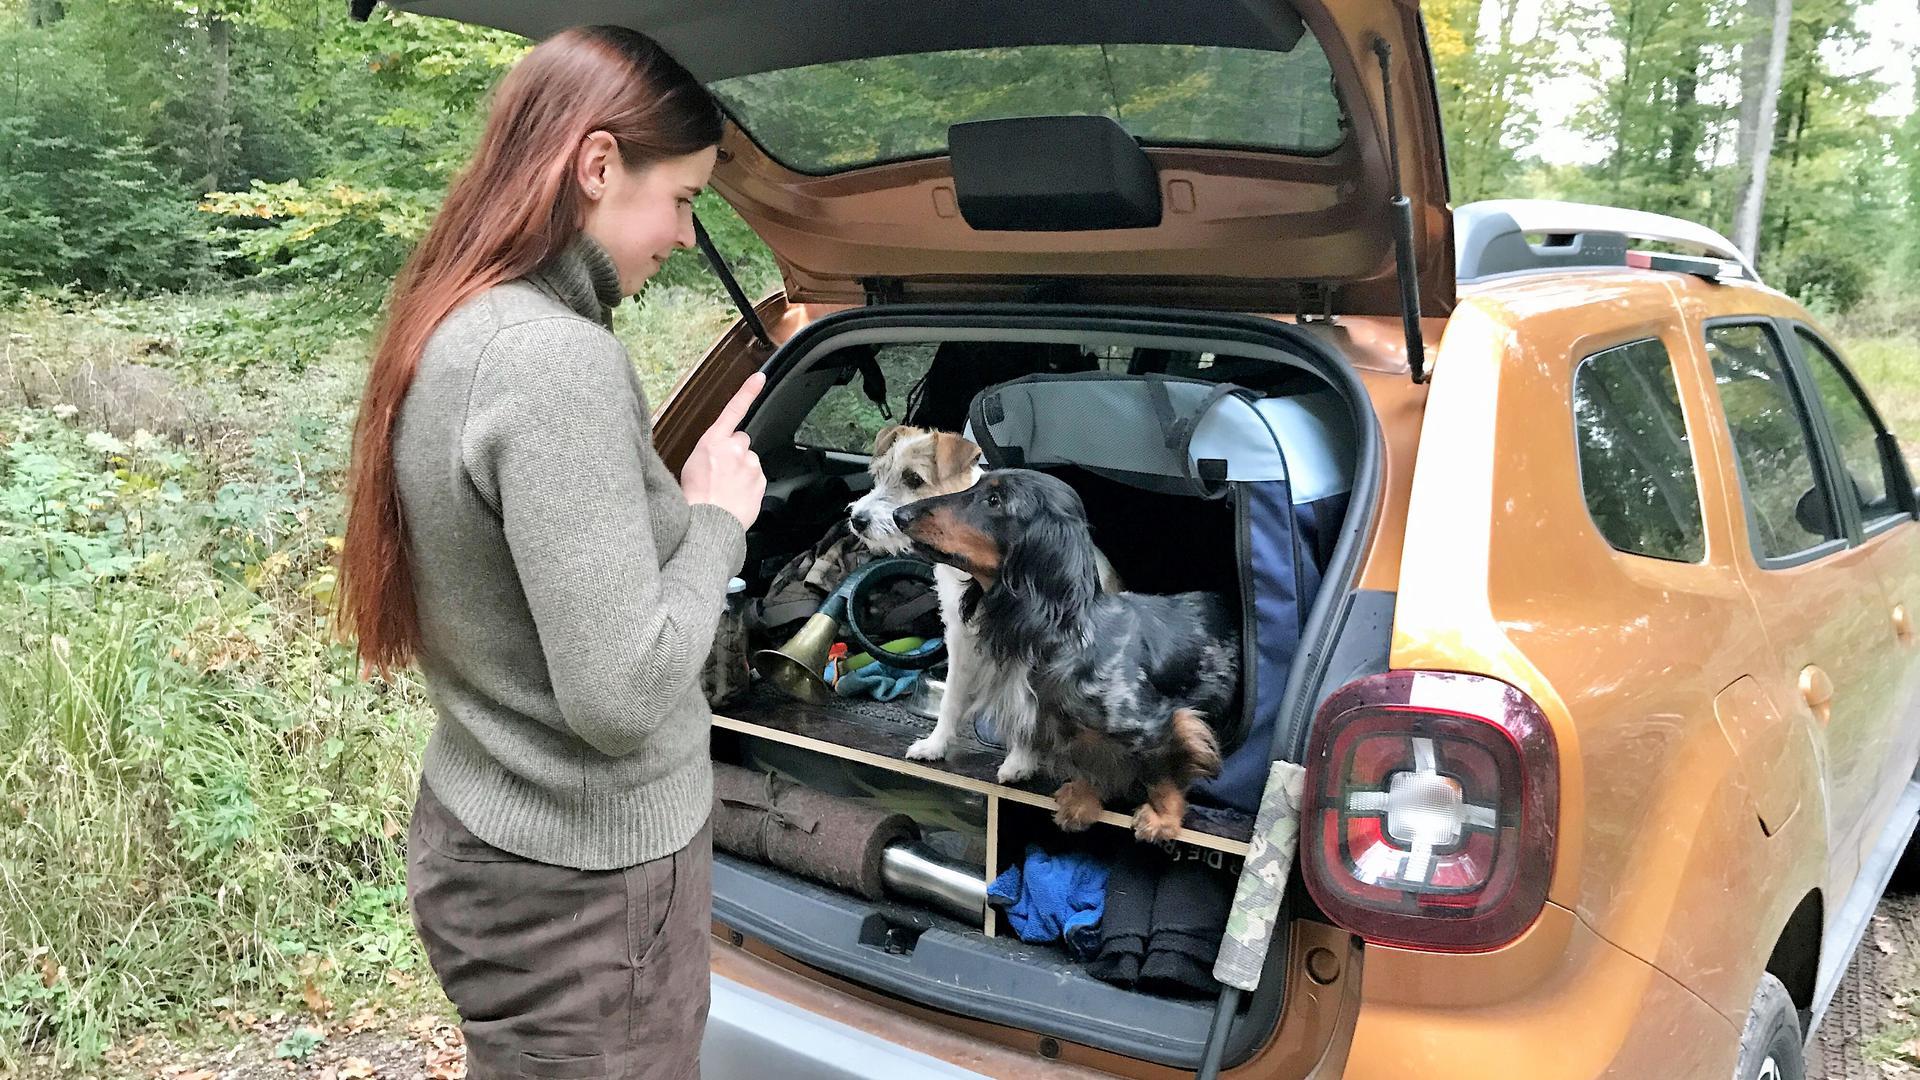 Frau steht vor geöffnetem Kofferraum, darin sitzen zwei Hunde.